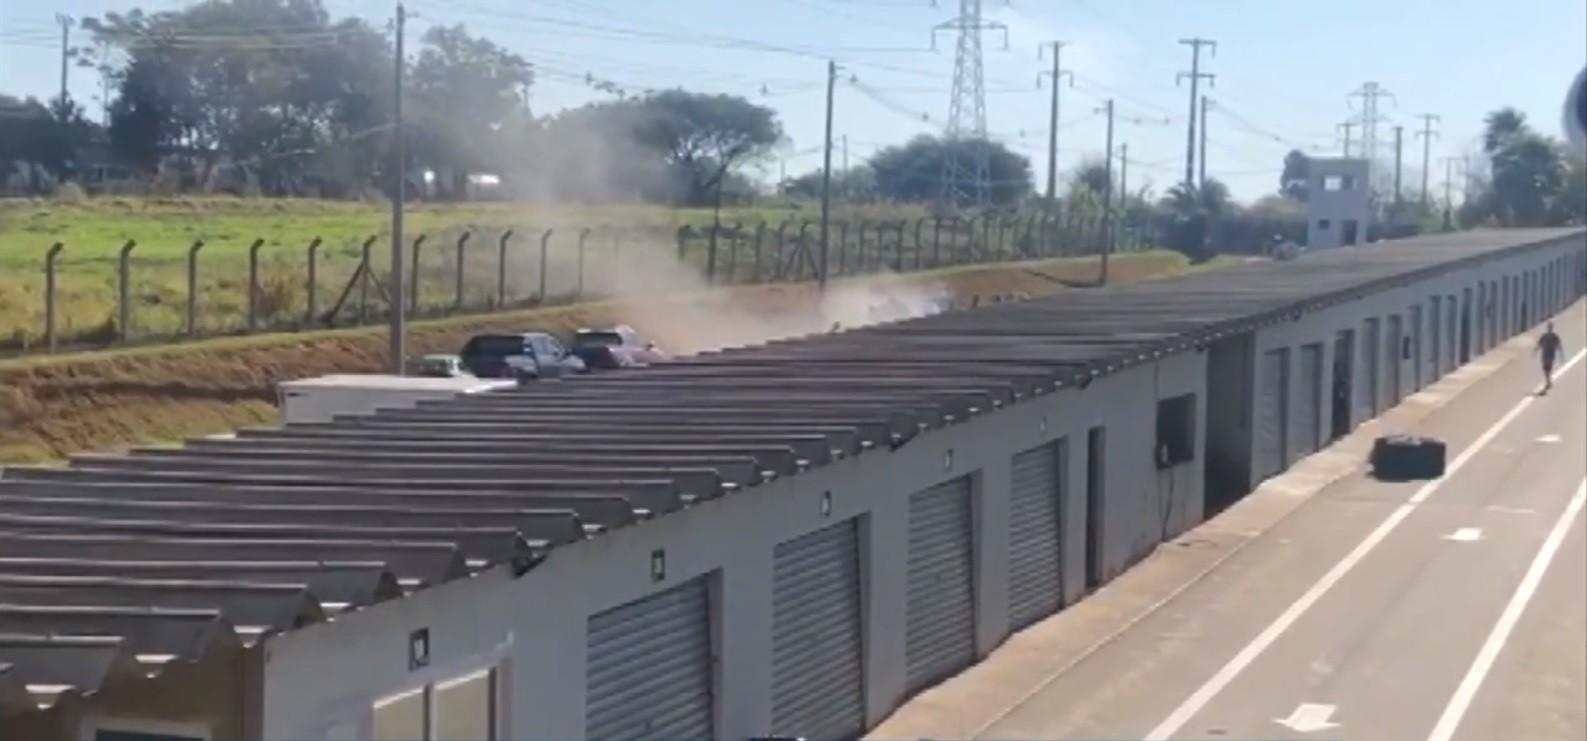 Após briga e tiros em pista de kart em Nova Odessa, envolvidos apresentam versões diferentes